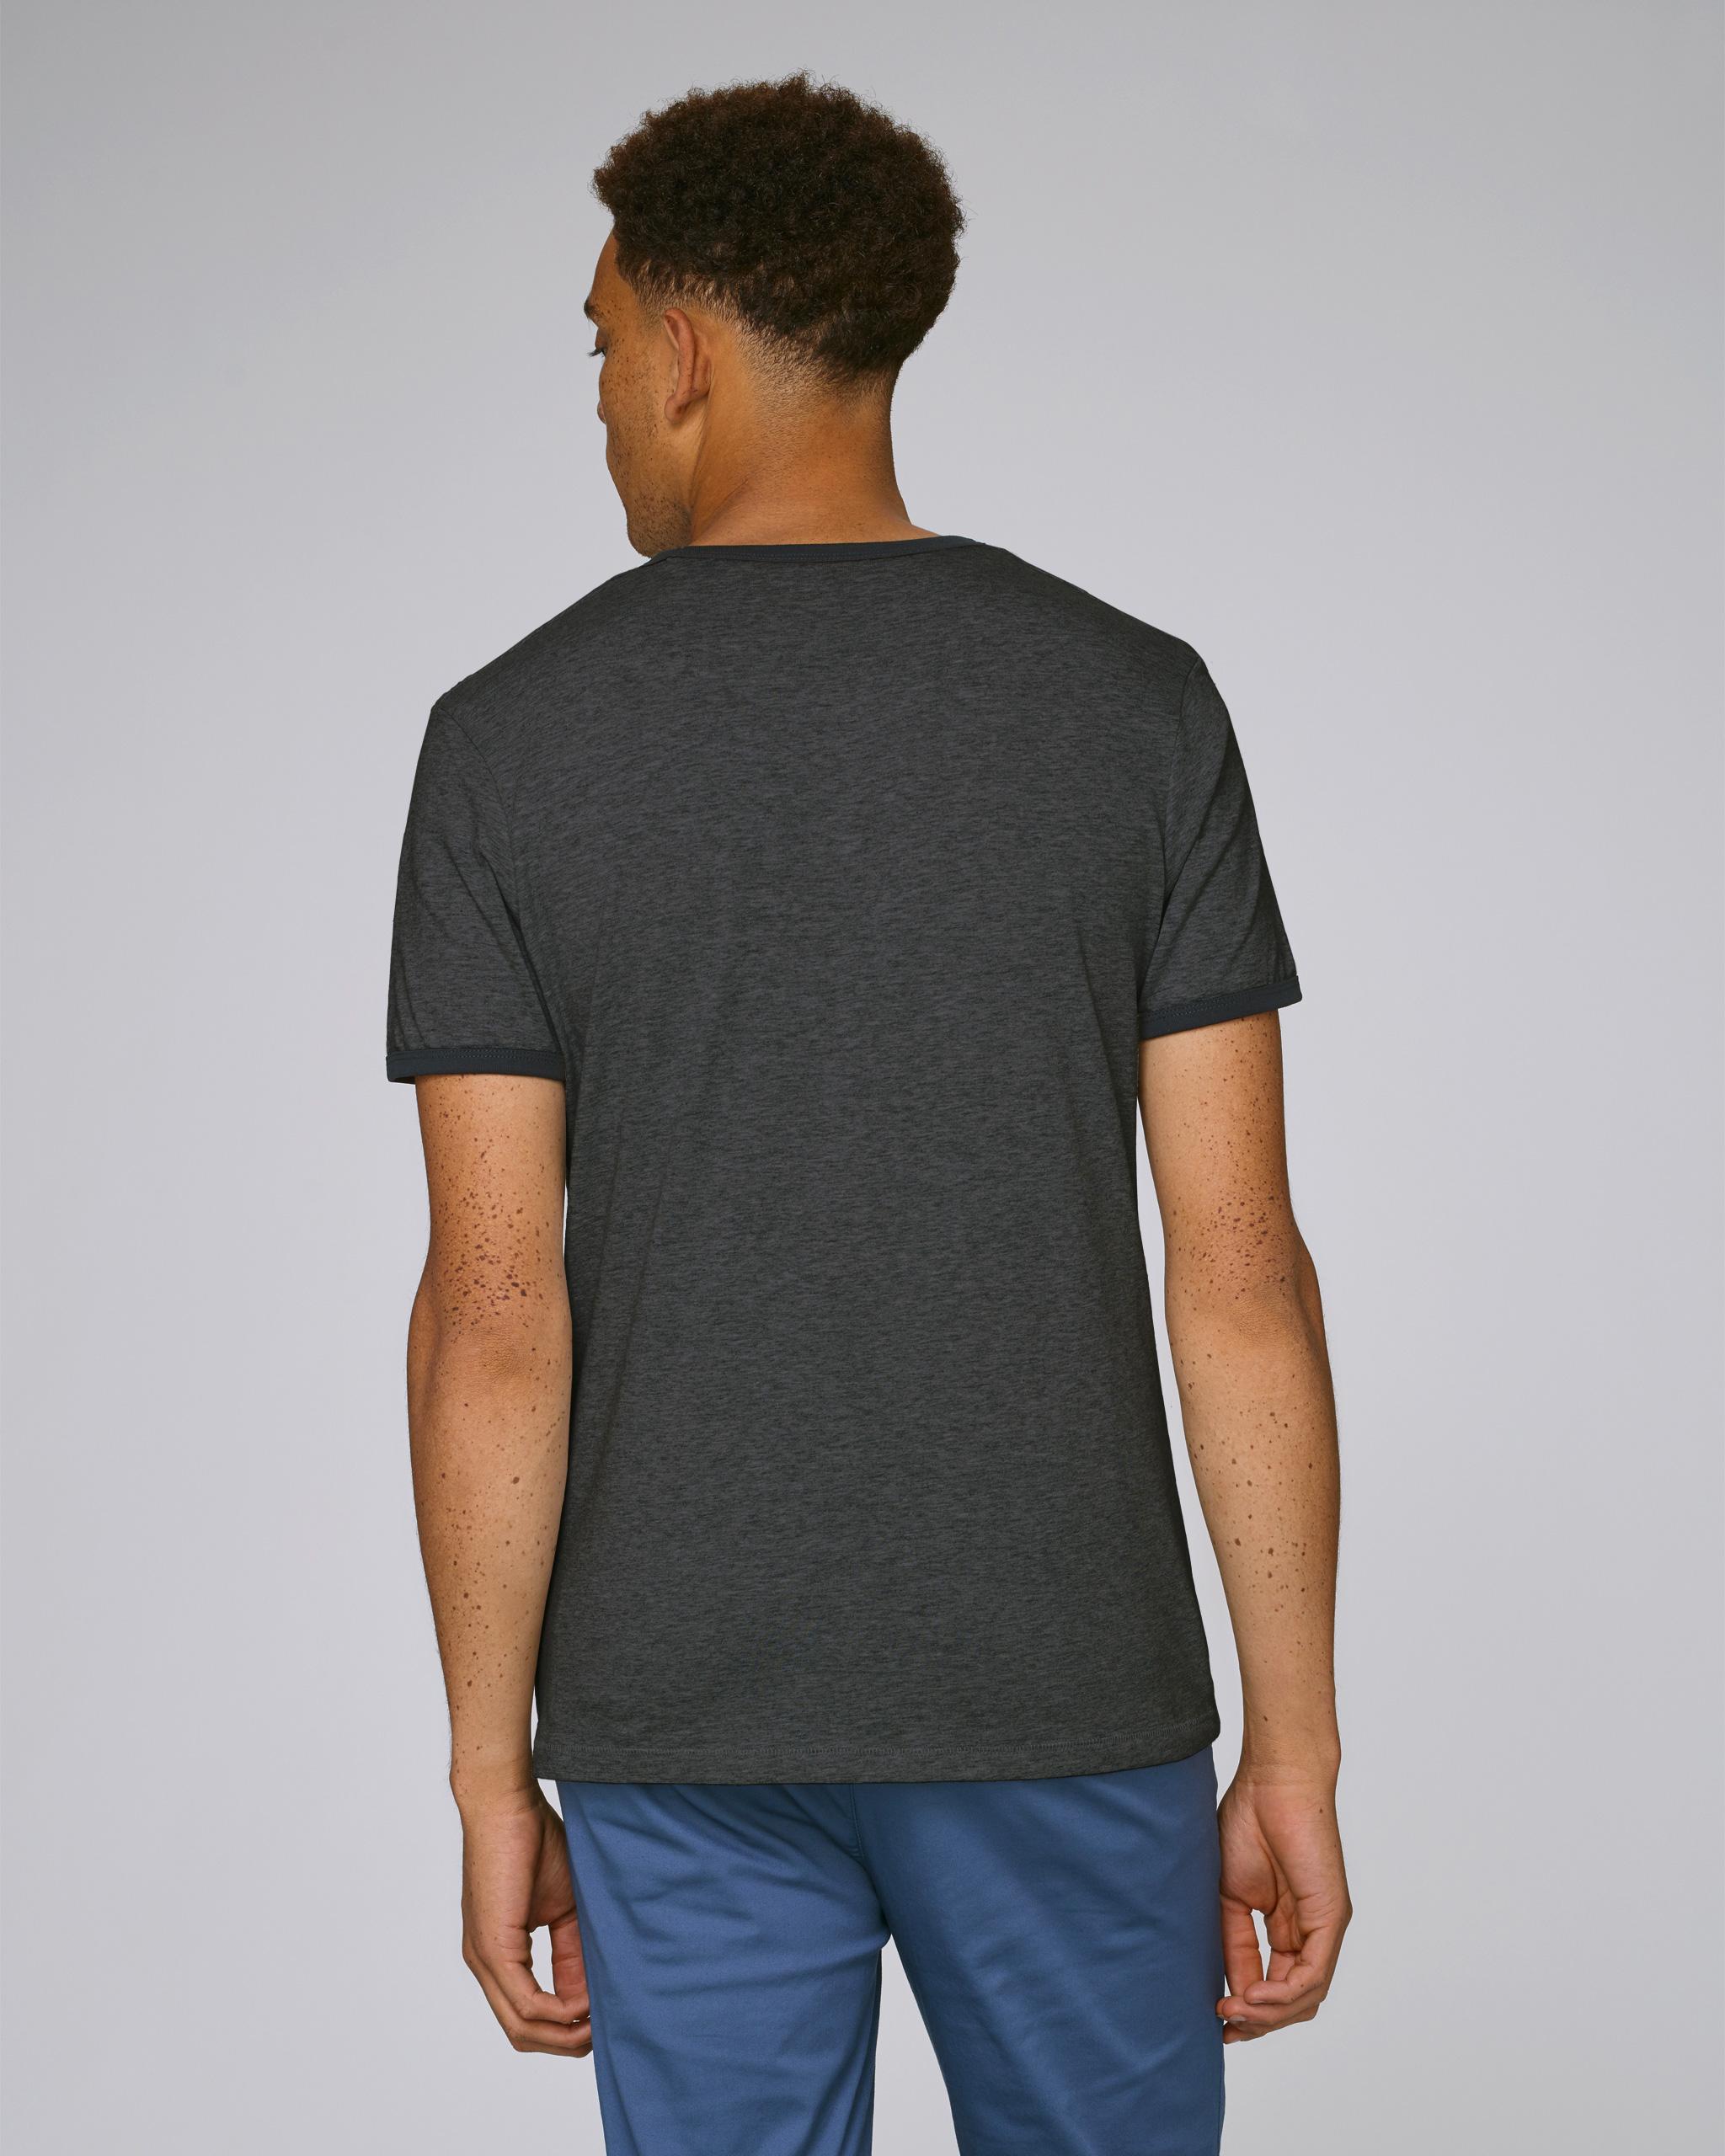 T-Shirt Bio gris foncé Homme dos - Obama tee